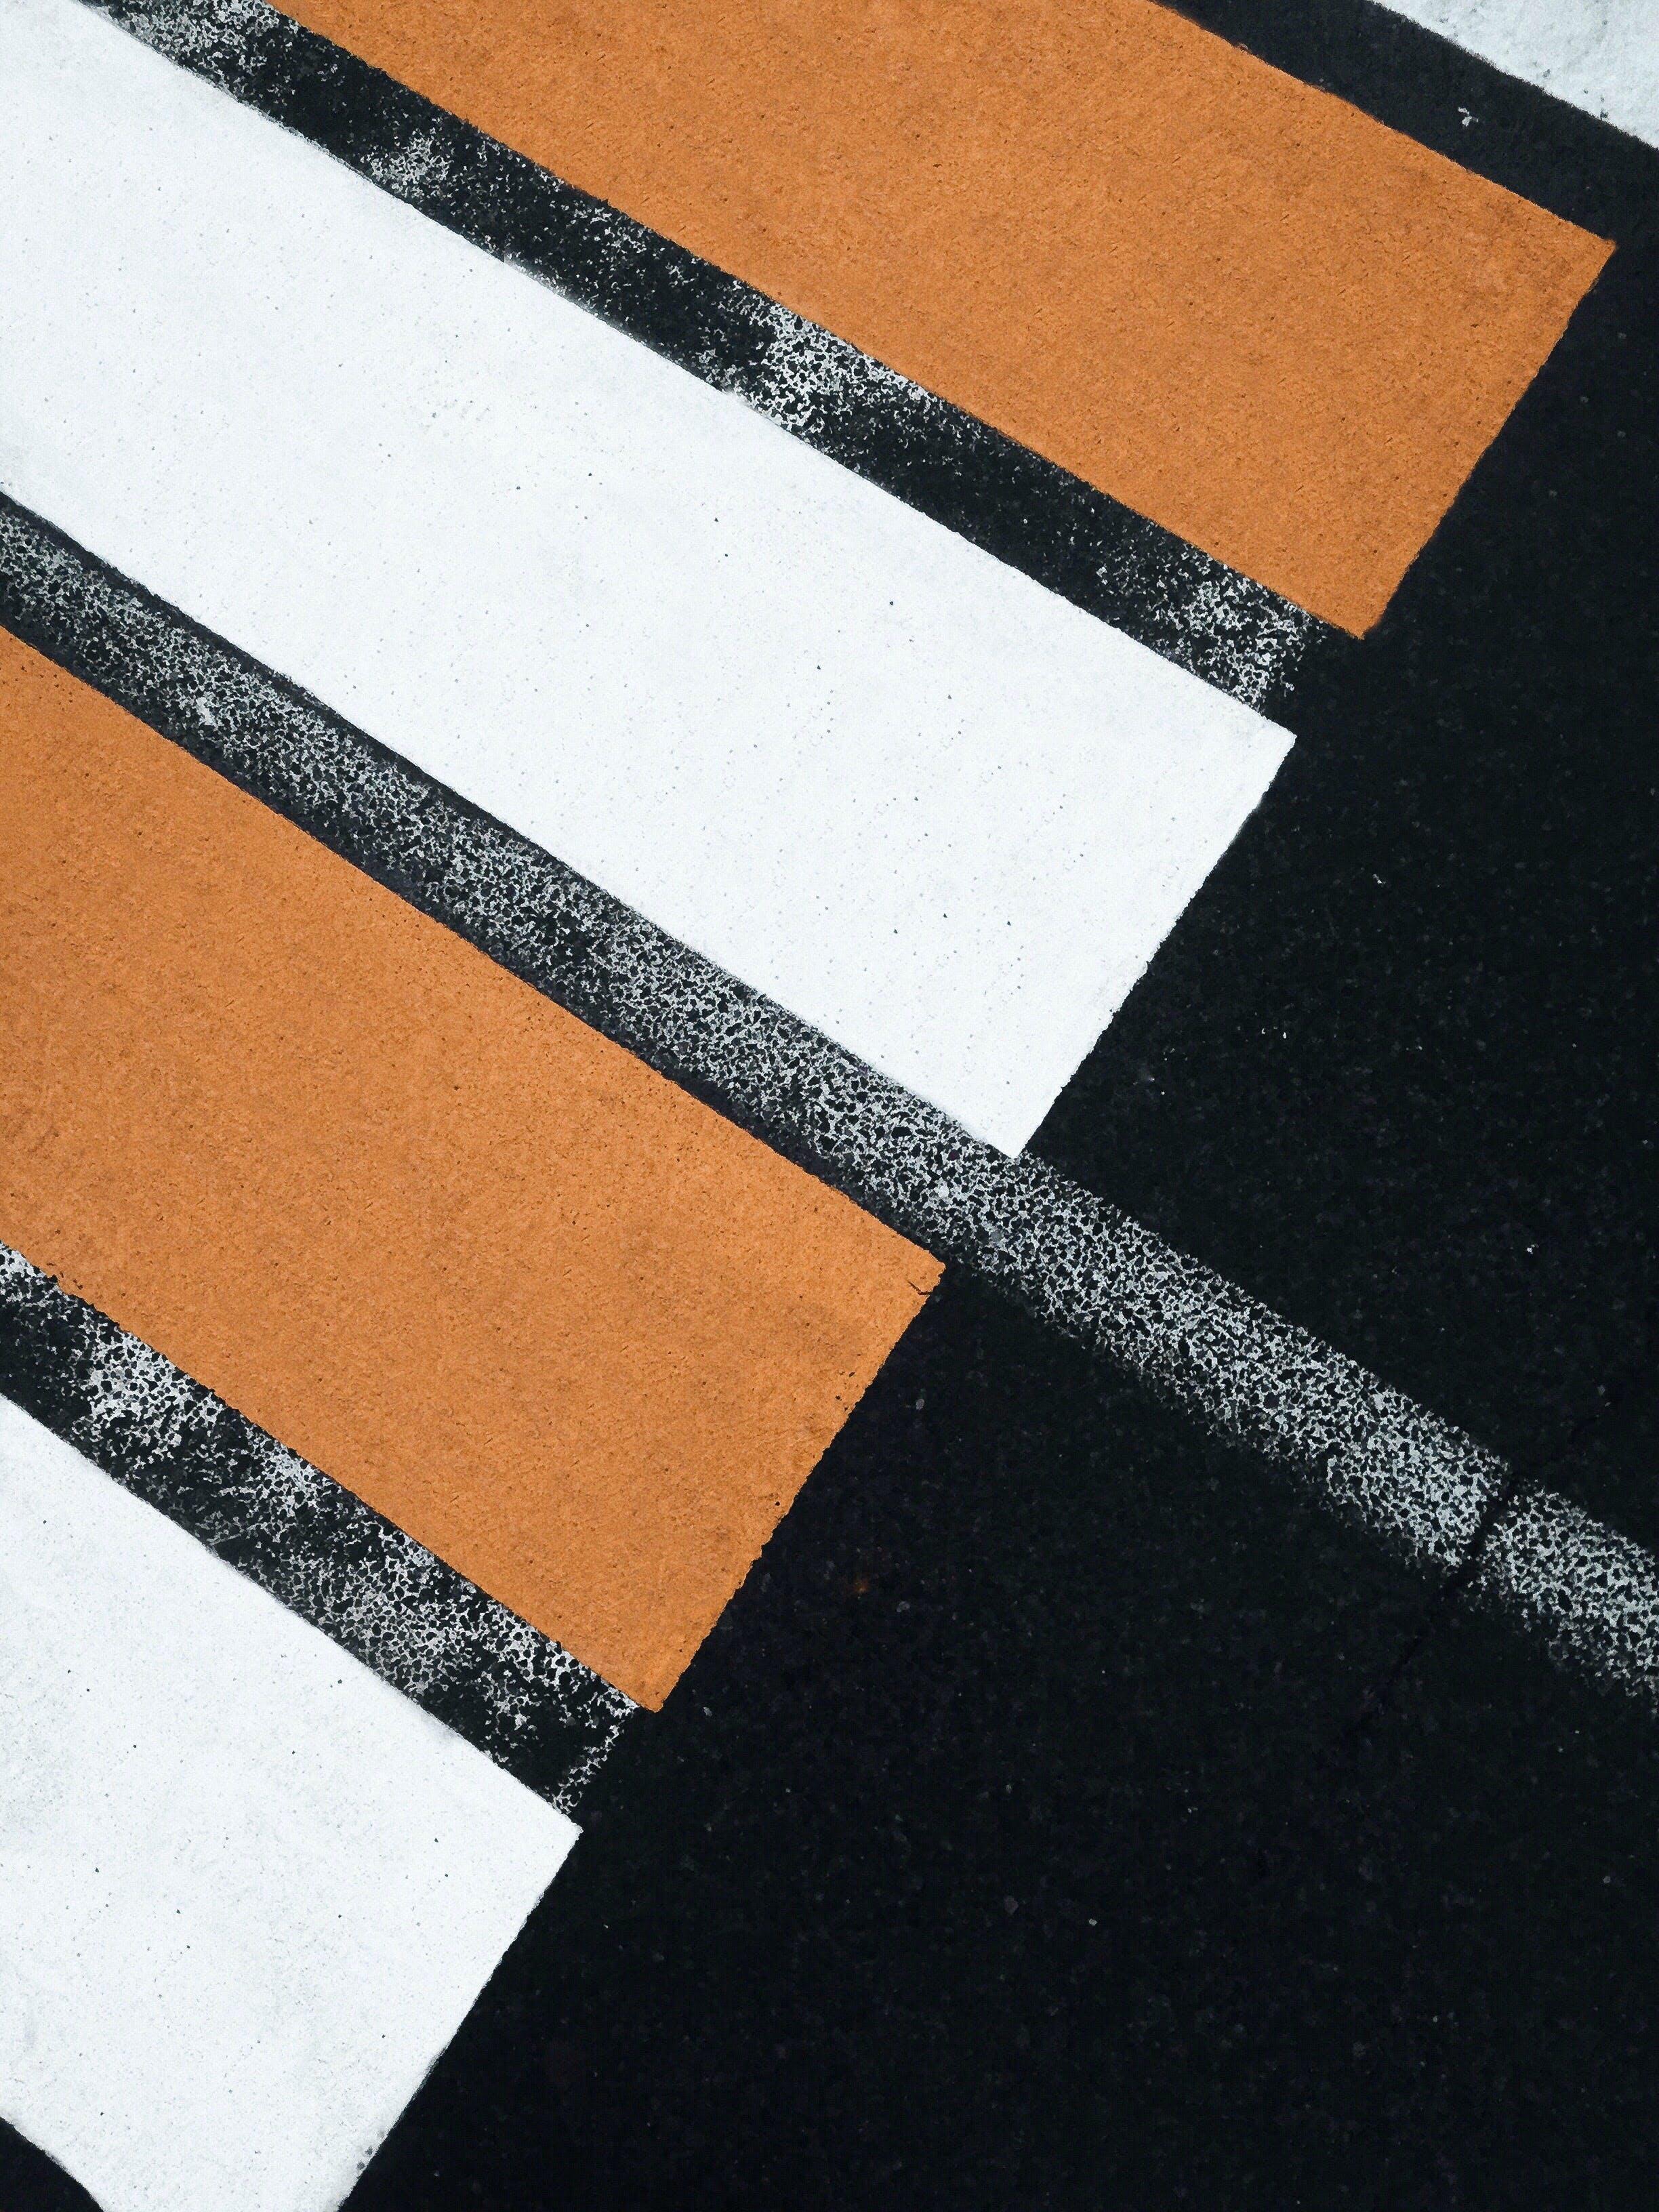 Ilmainen kuvapankkikuva tunnisteilla asfaltti, jalkakäytävä